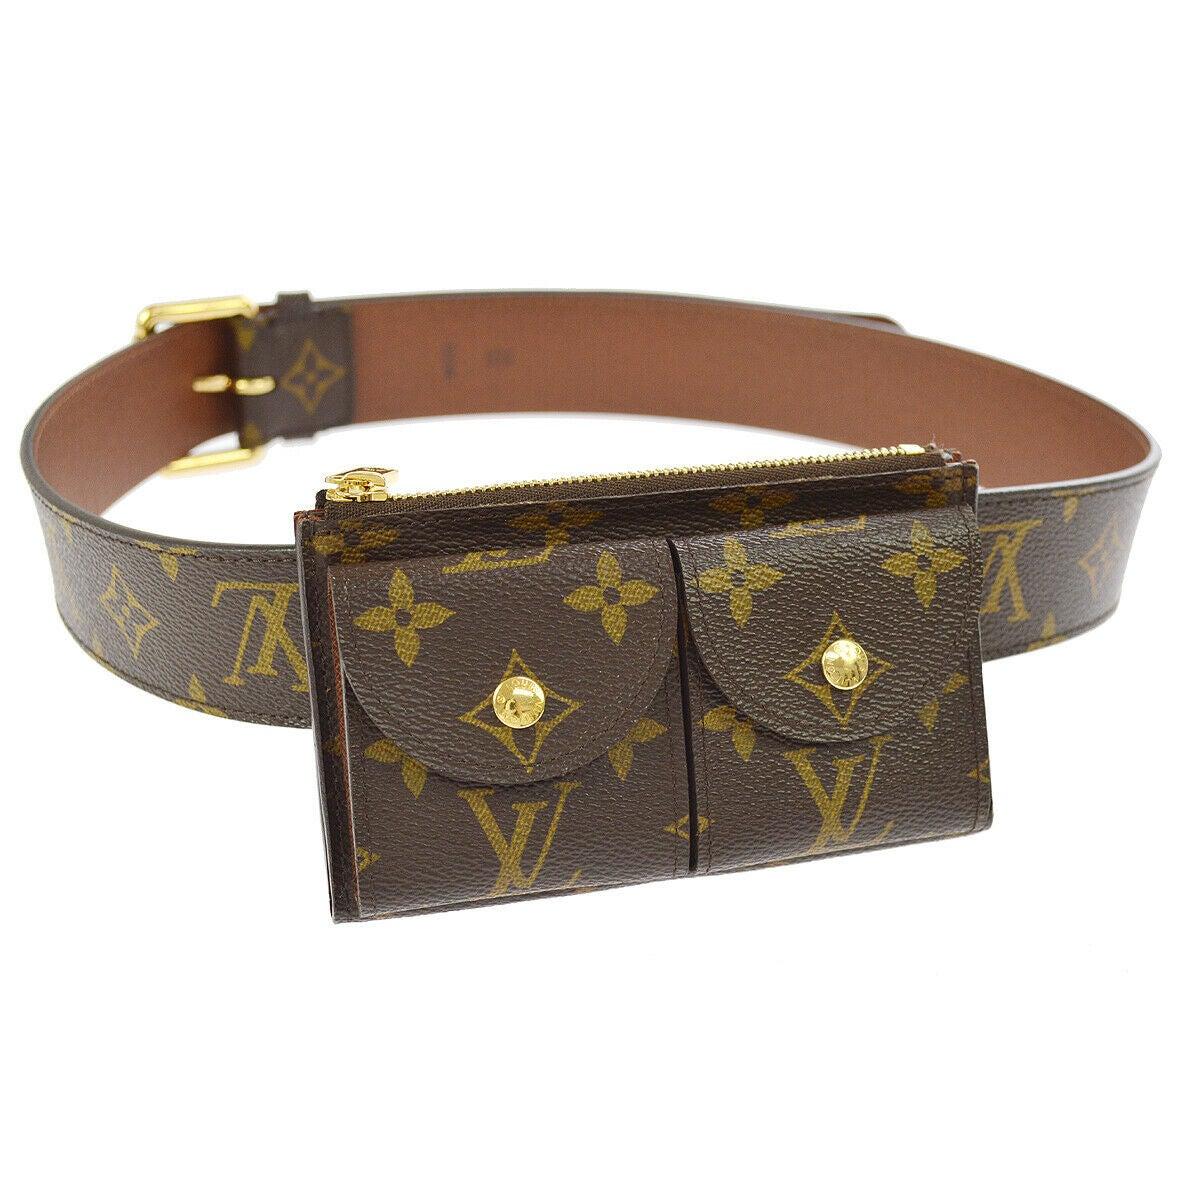 Louis Vuitton Monogram Men's Women's Dual Double Fanny Pack Waist Belt Bag